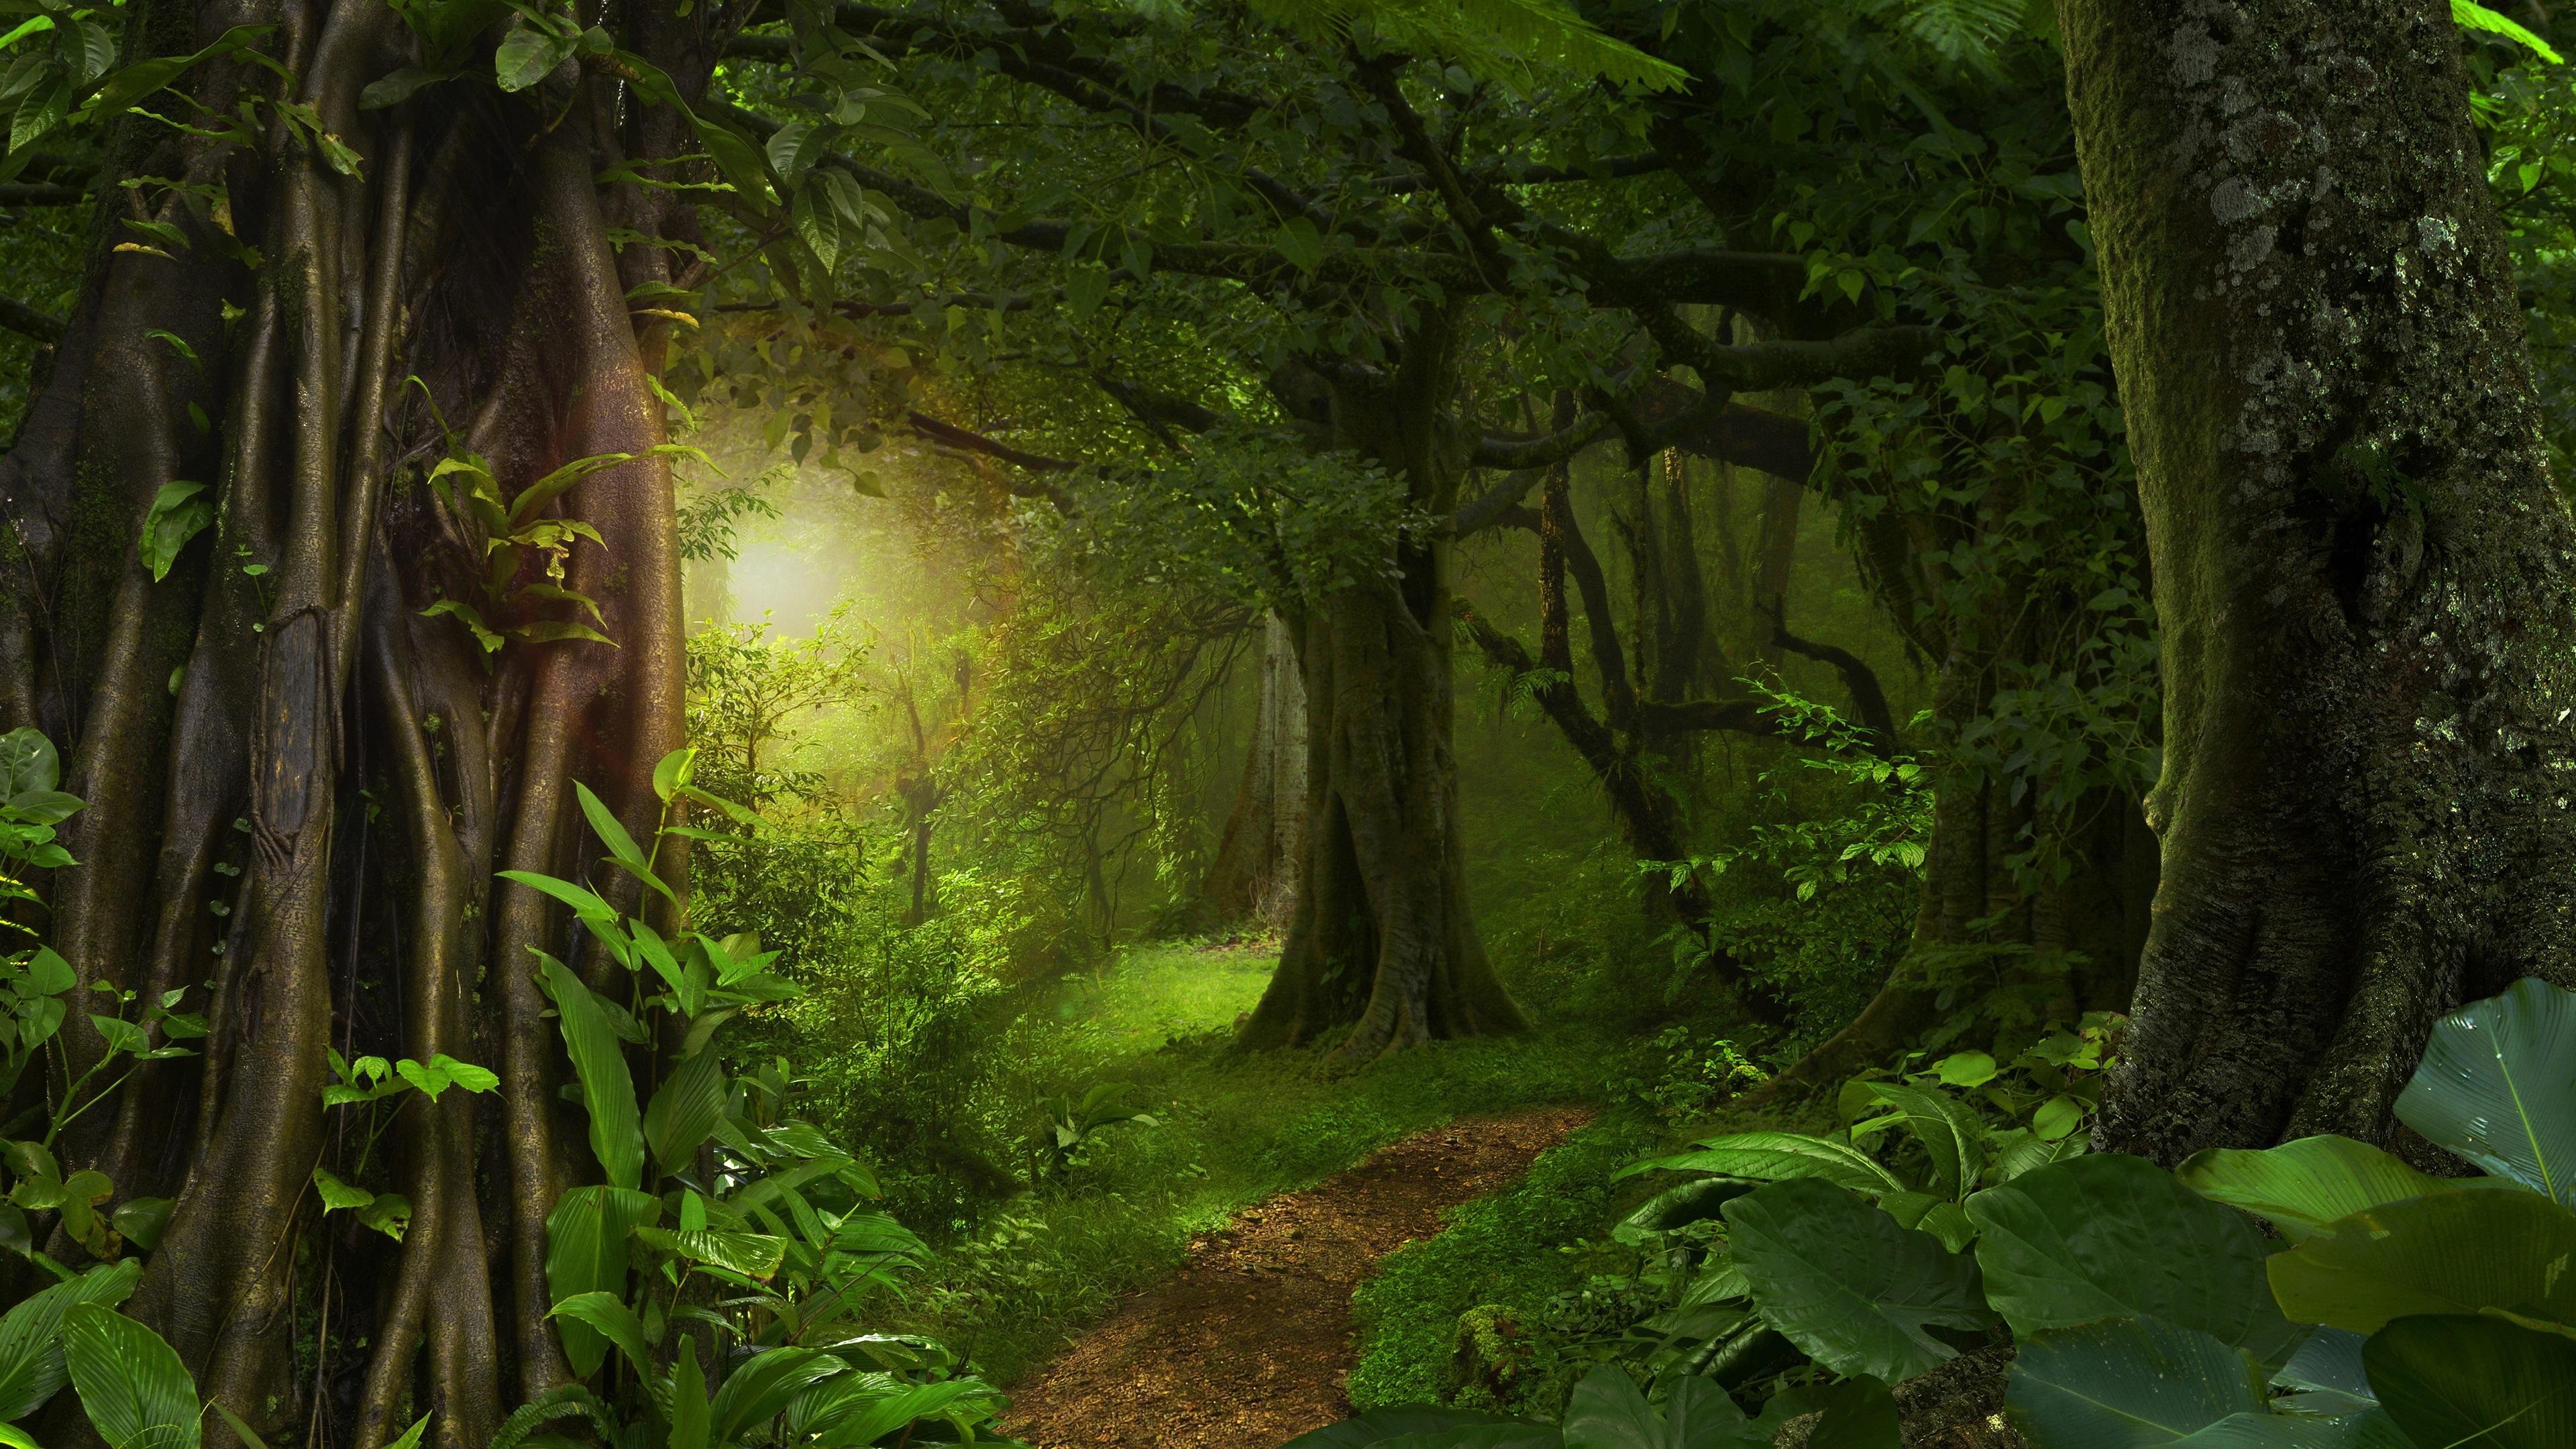 壁紙 森 ジャングル 樹木 道 緑 3840x2160 Uhd 4k 無料の